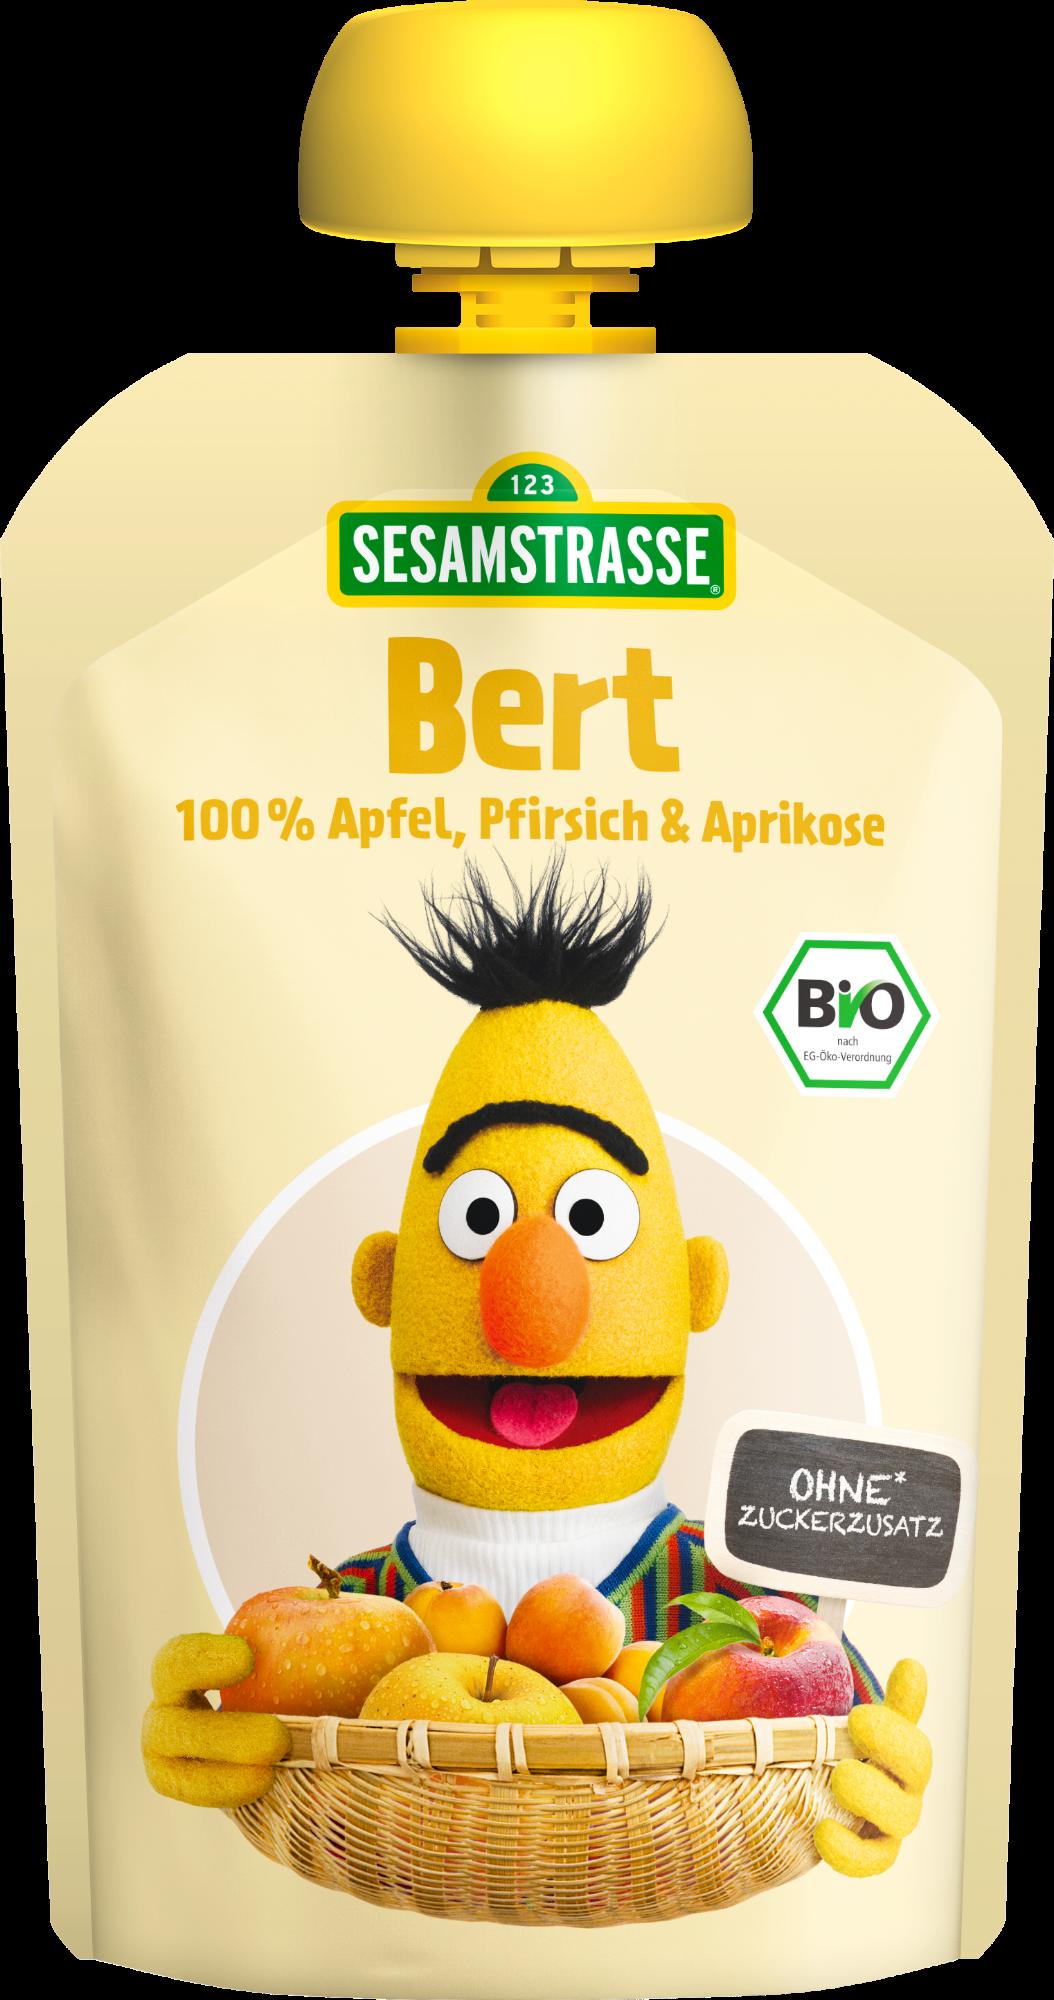 Ekologiška obuolių, persikų ir abrikosų tyrelė SESAMSTRASSE Bert, 100 g